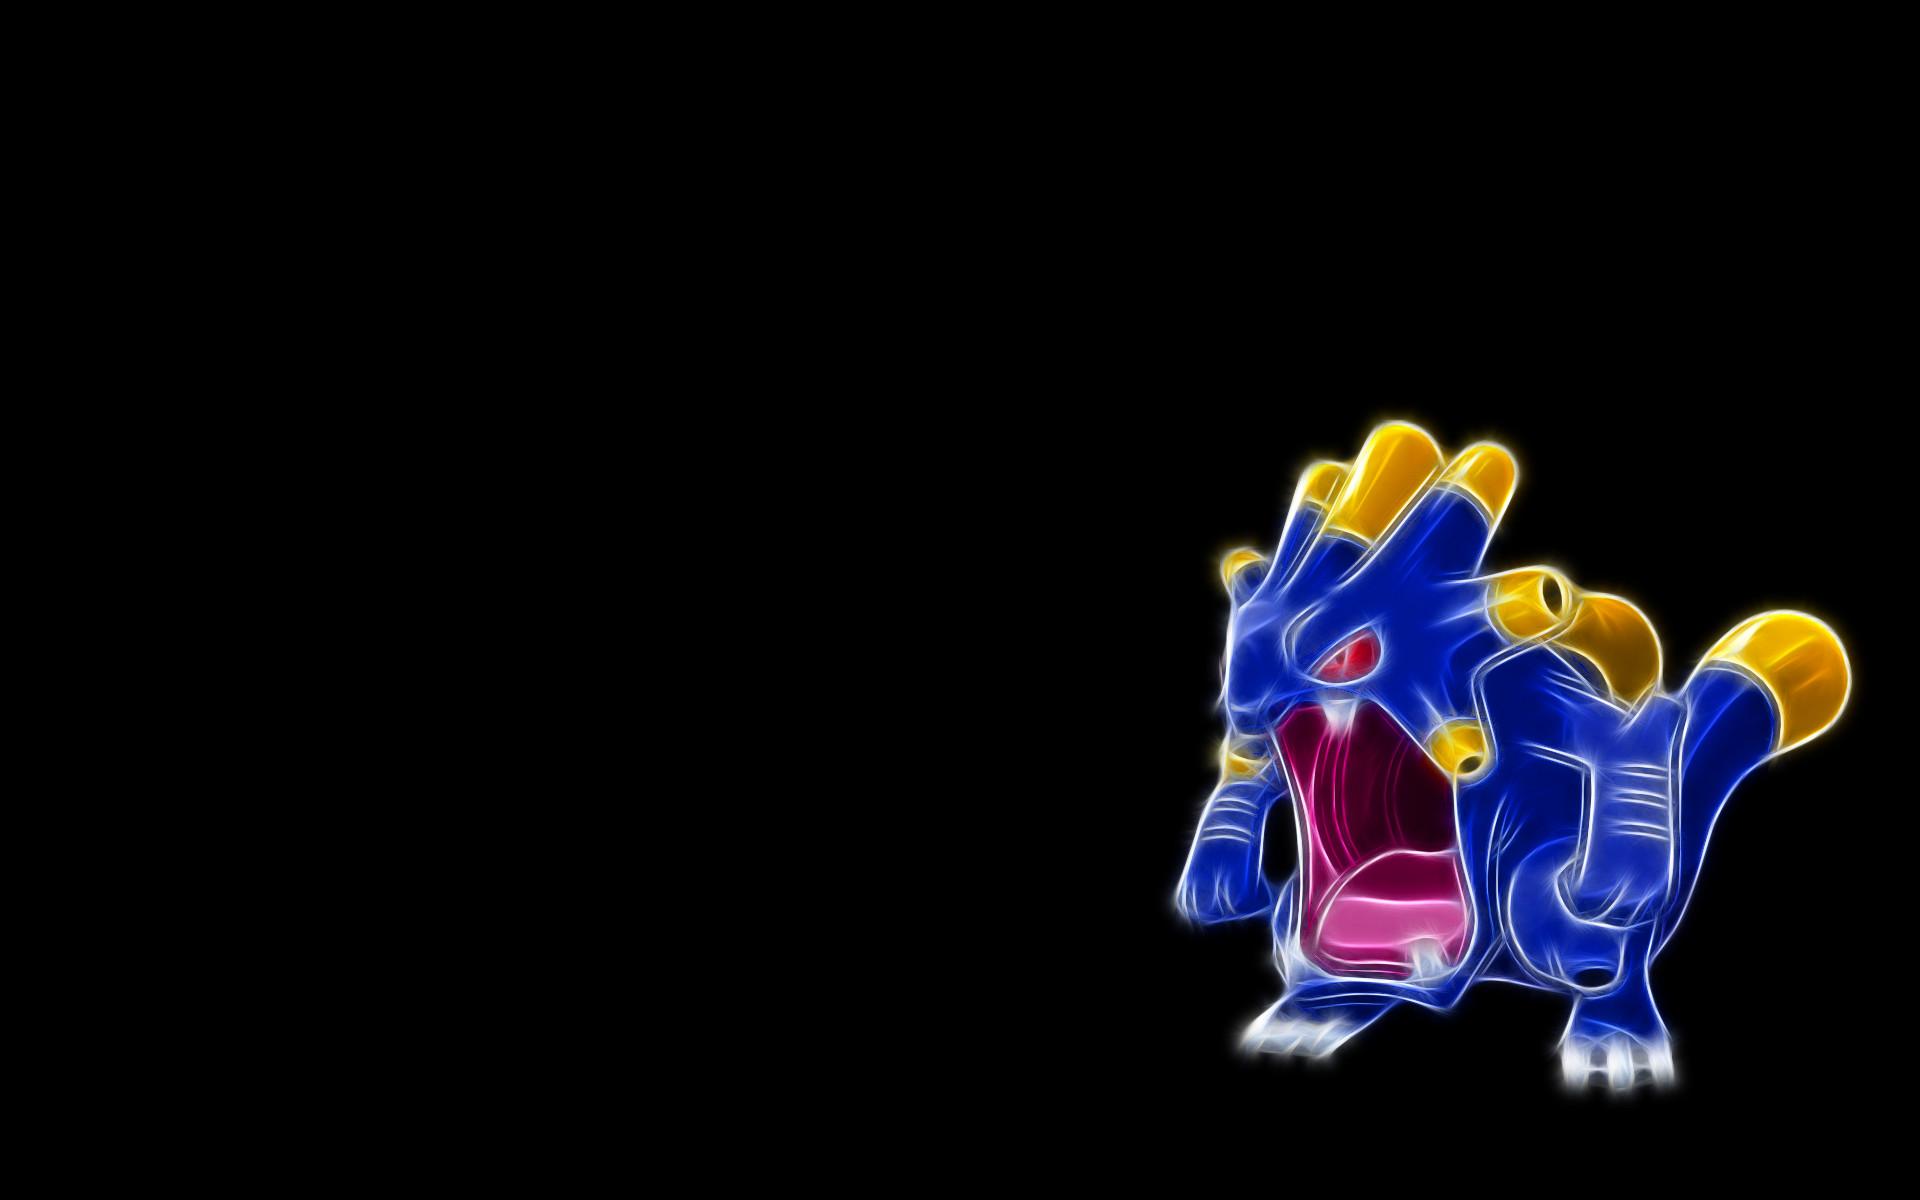 Pokemon Dual Screen Wallpaper